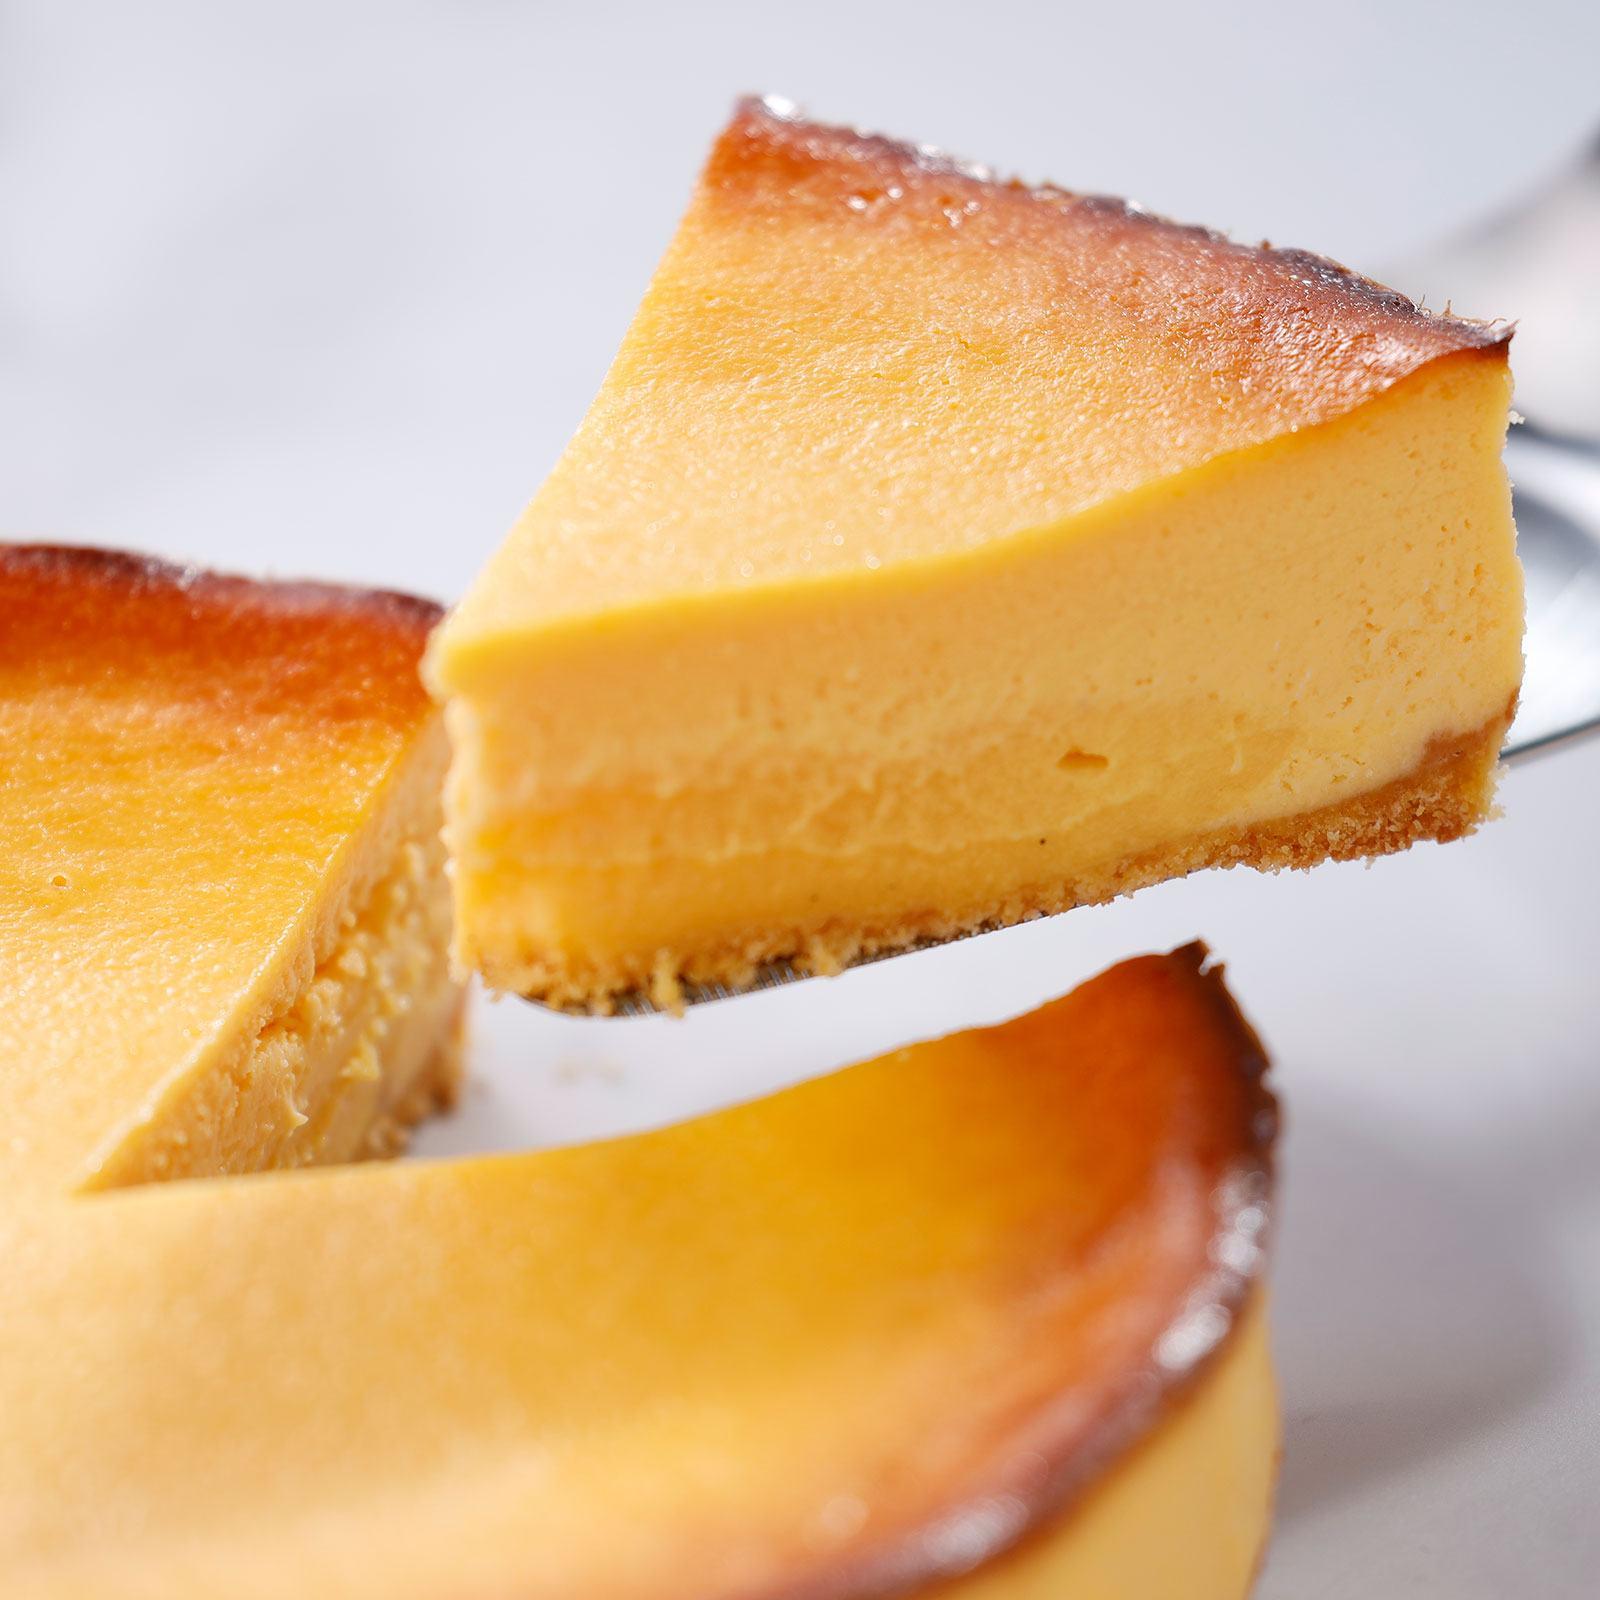 天美卵たっぷりの濃厚カスタードクリームが中からトロっととろけ出す特製チーズケーキ